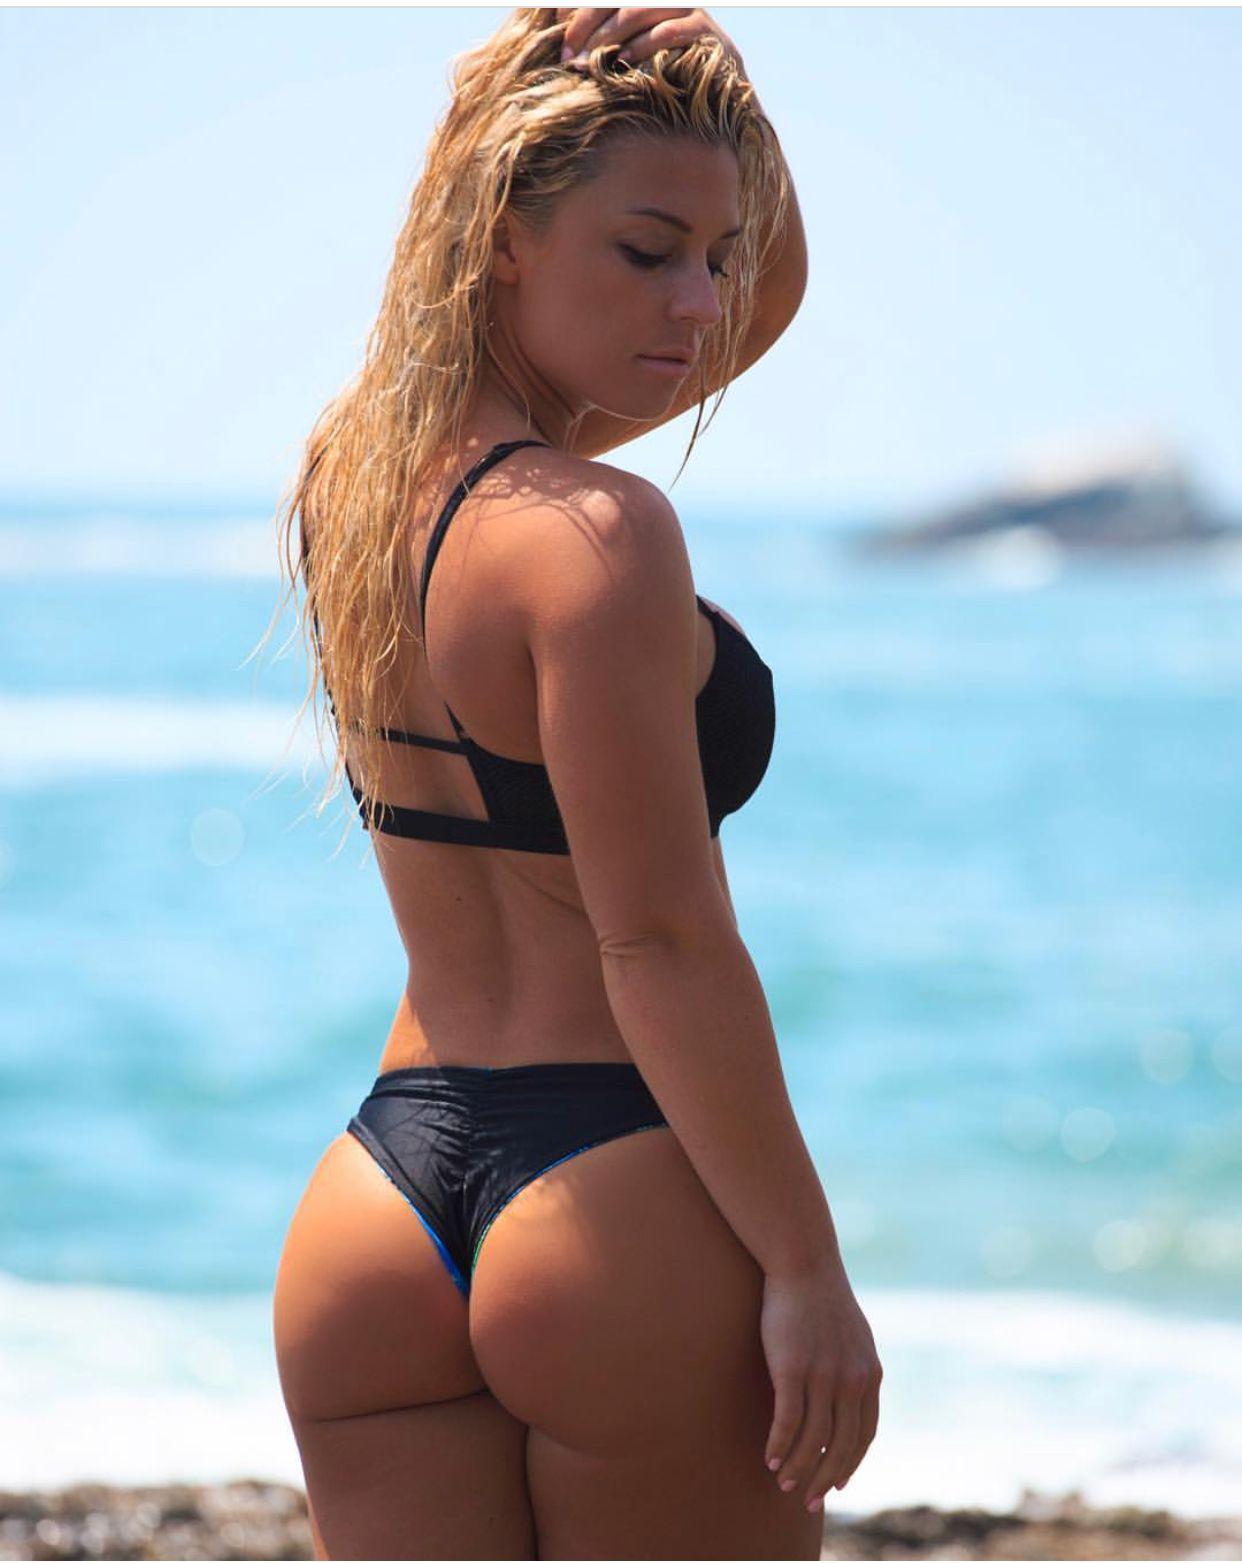 fd204b5192 Beach babe Tara Frost